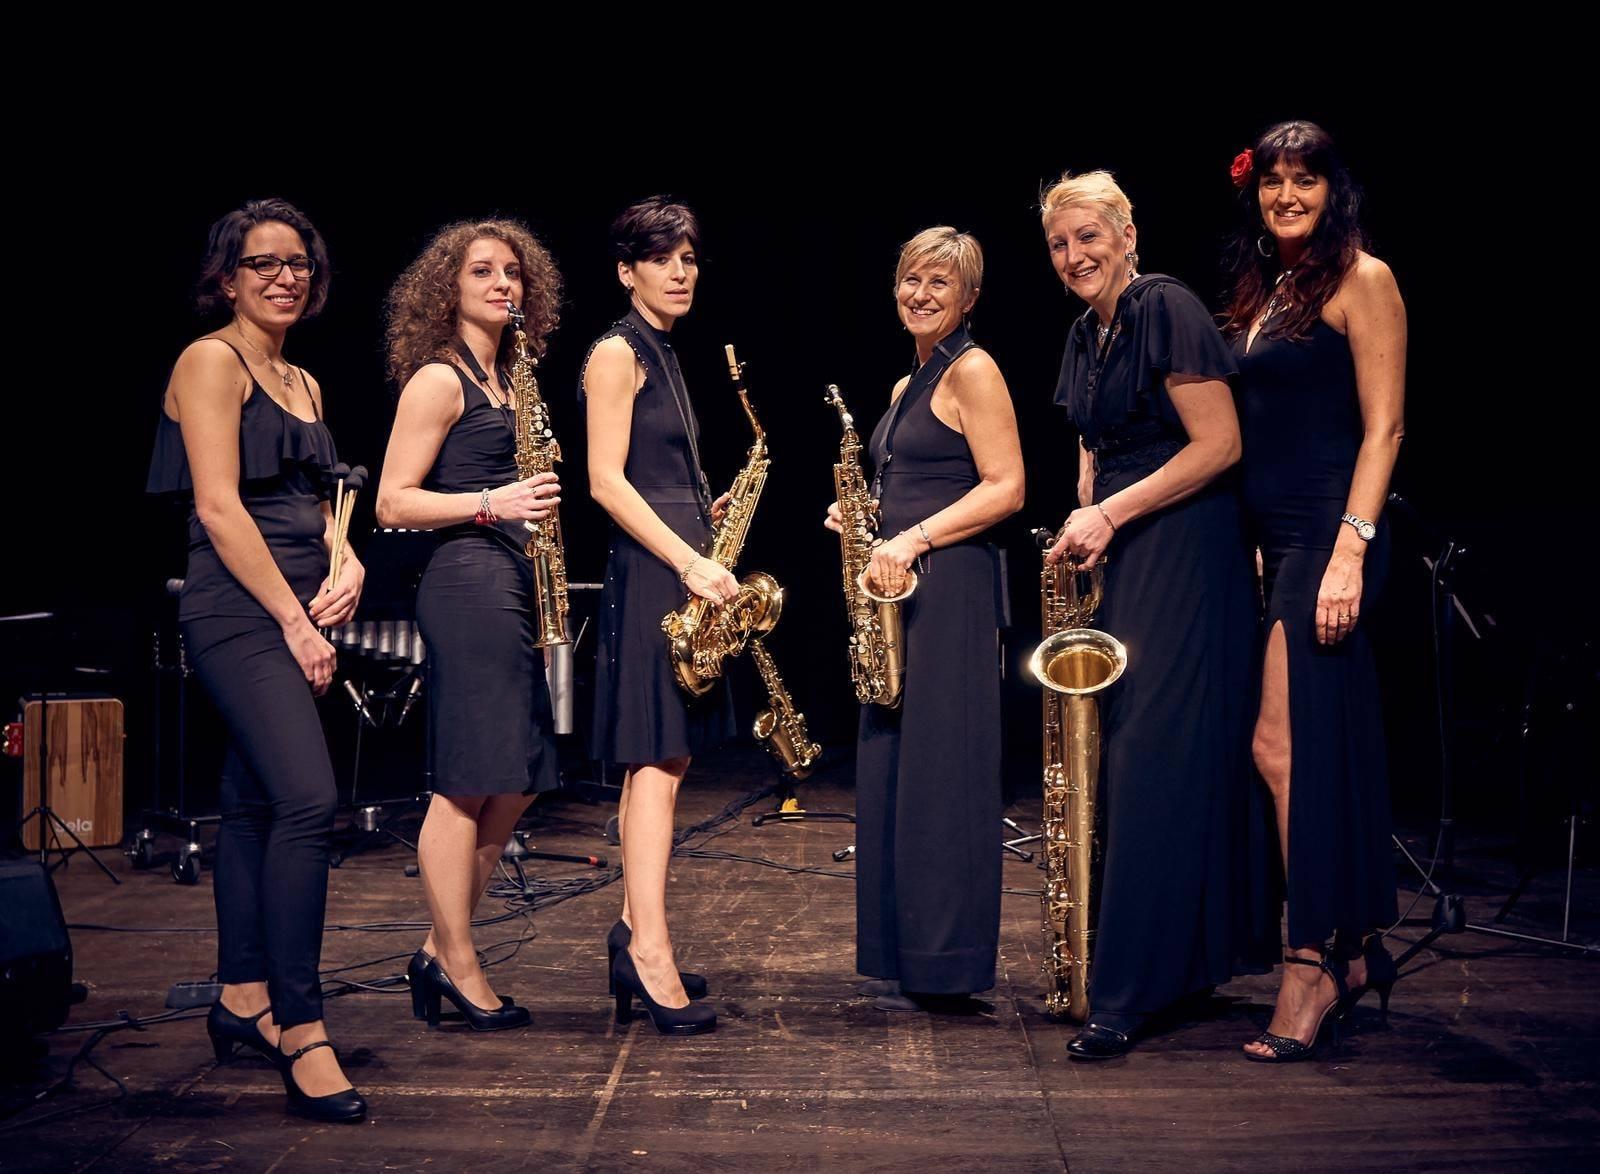 Blackrosax in concert